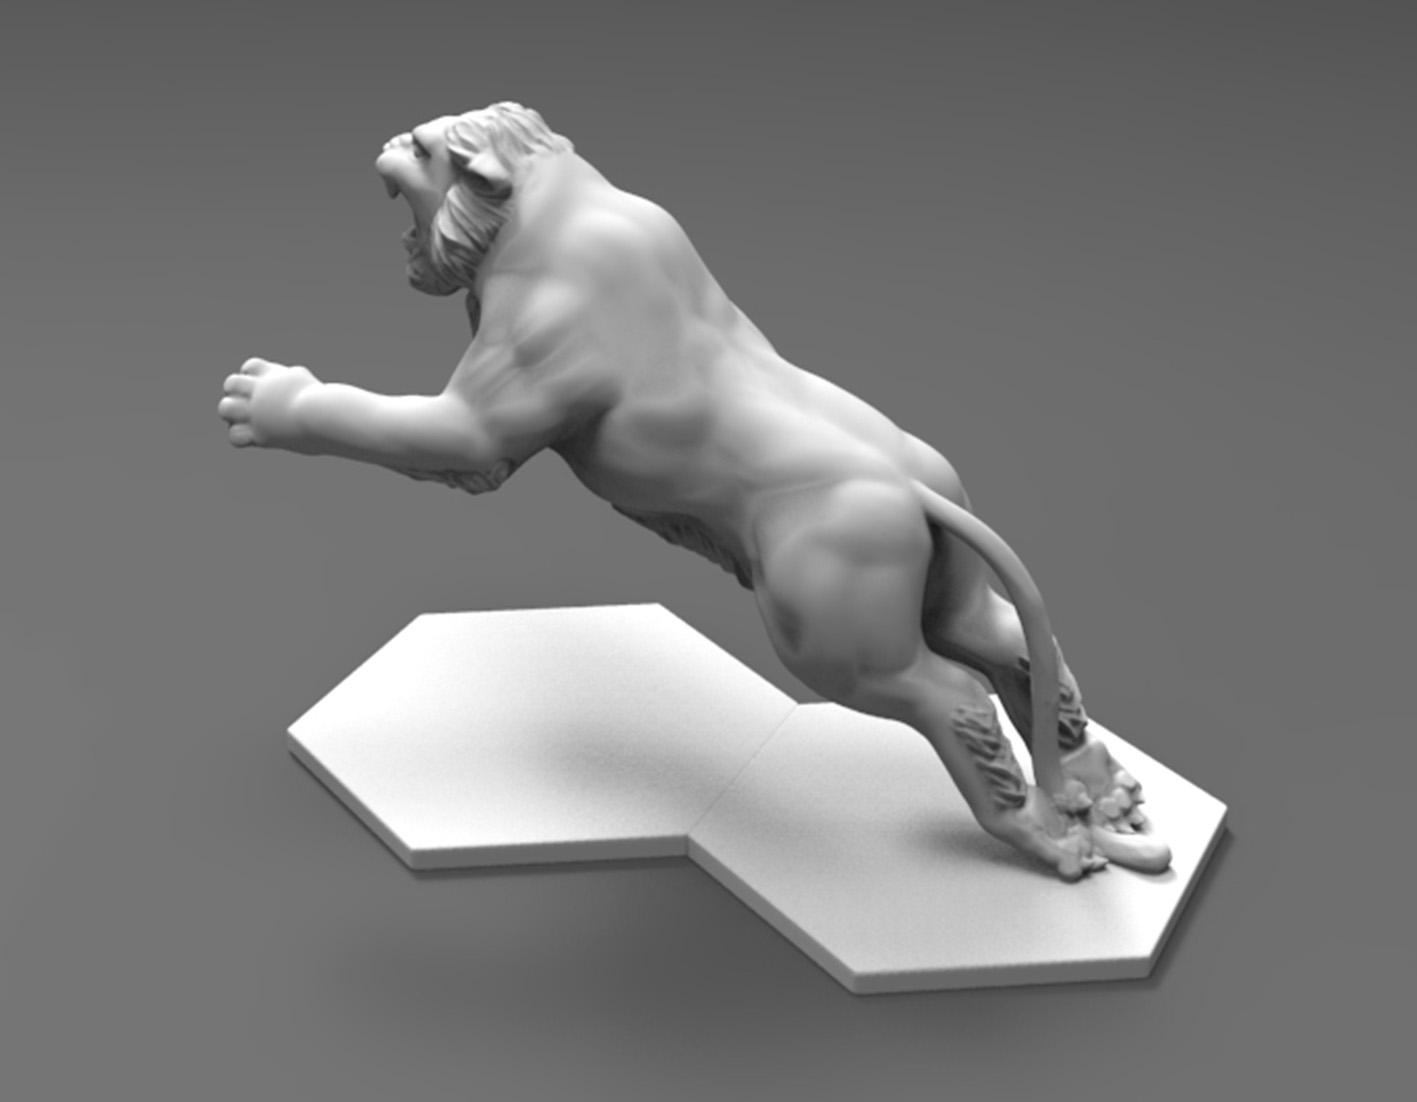 gladiatoris-tigre-2-3d-terminado-3